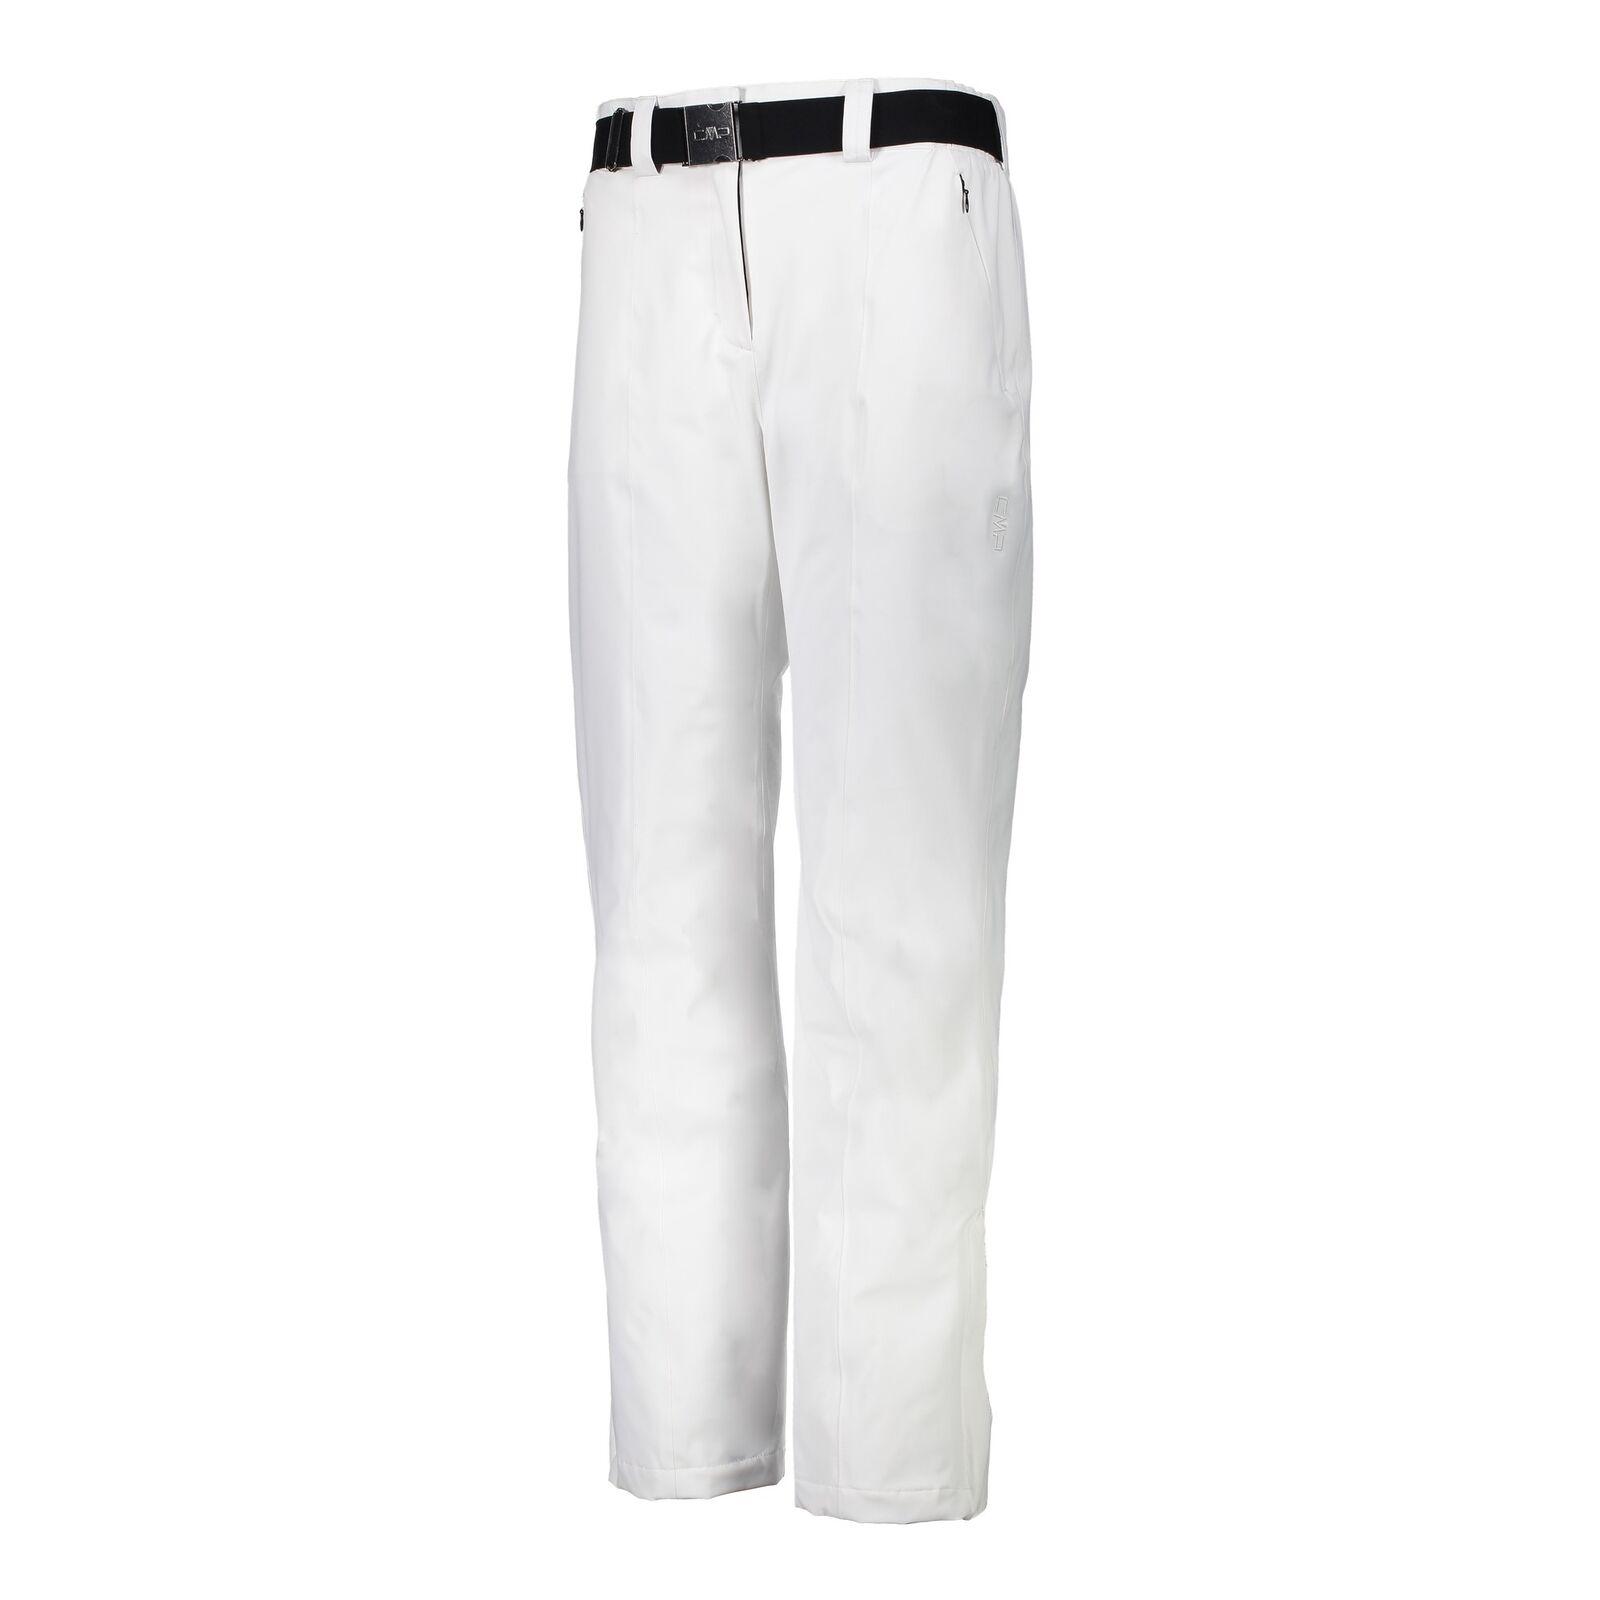 CMP CMP CMP Skihose Snowboardhose WOMAN PANT weiß winddicht wasserdicht    Sehr gute Farbe  2310da